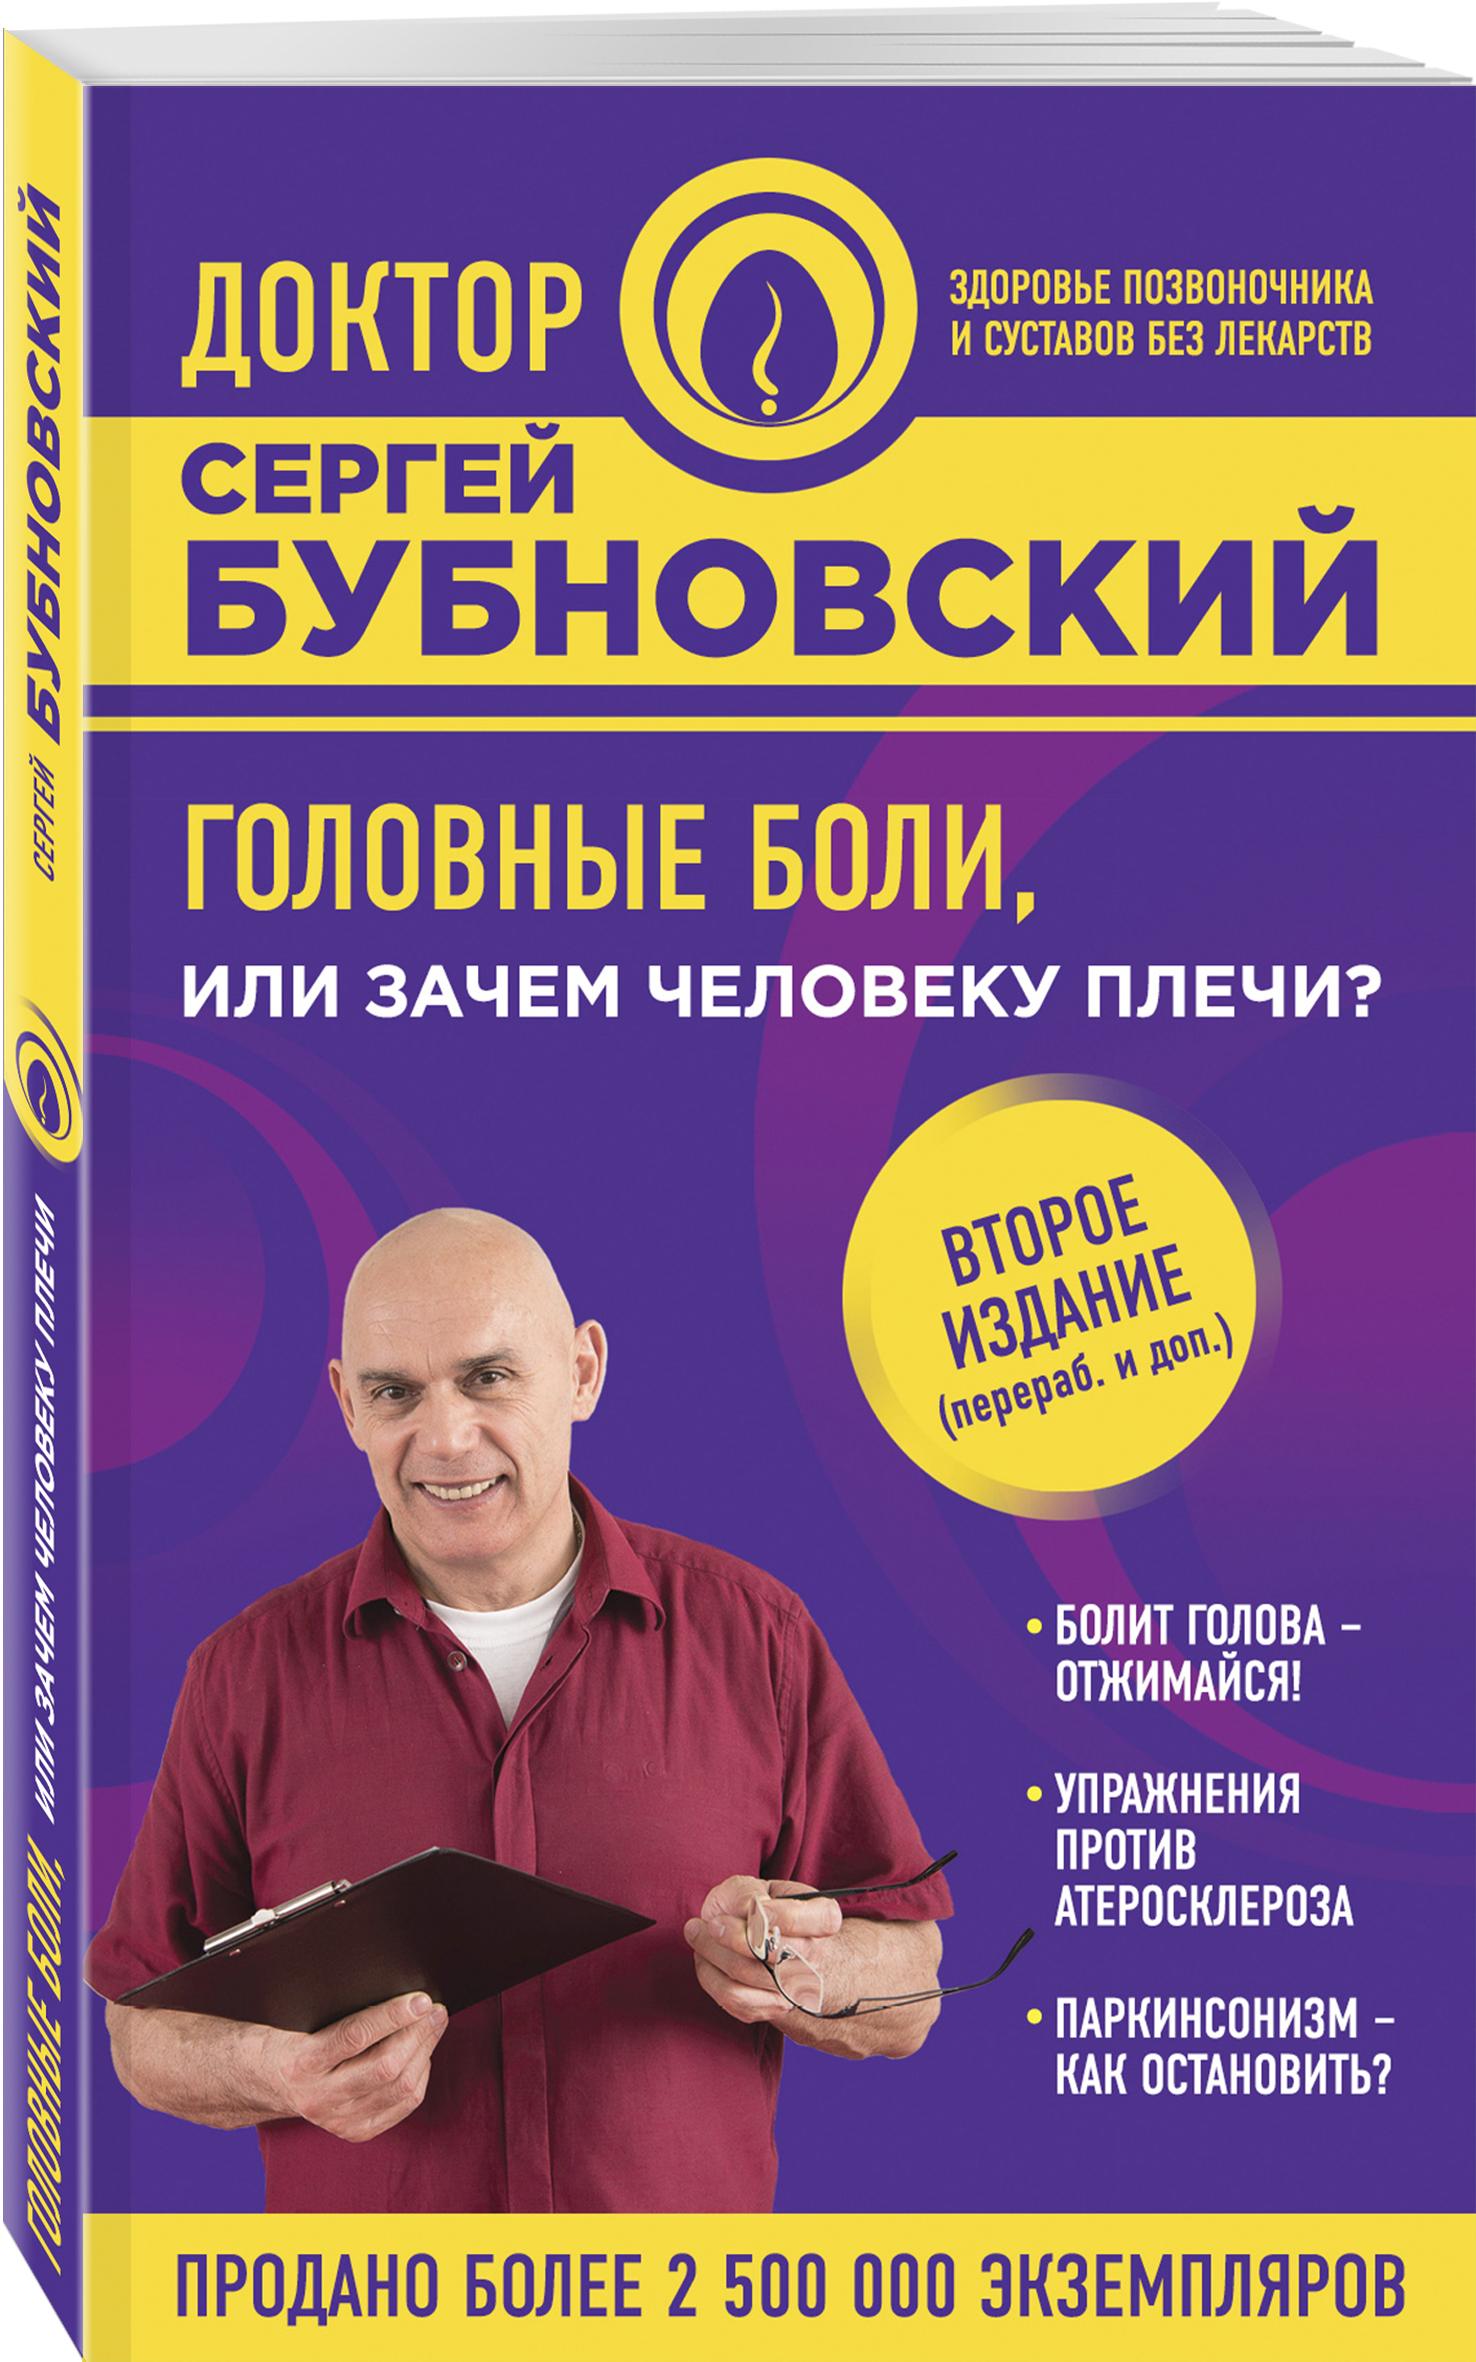 Сергей Бубновский Головные боли, или Зачем человеку плечи? 2-е издание